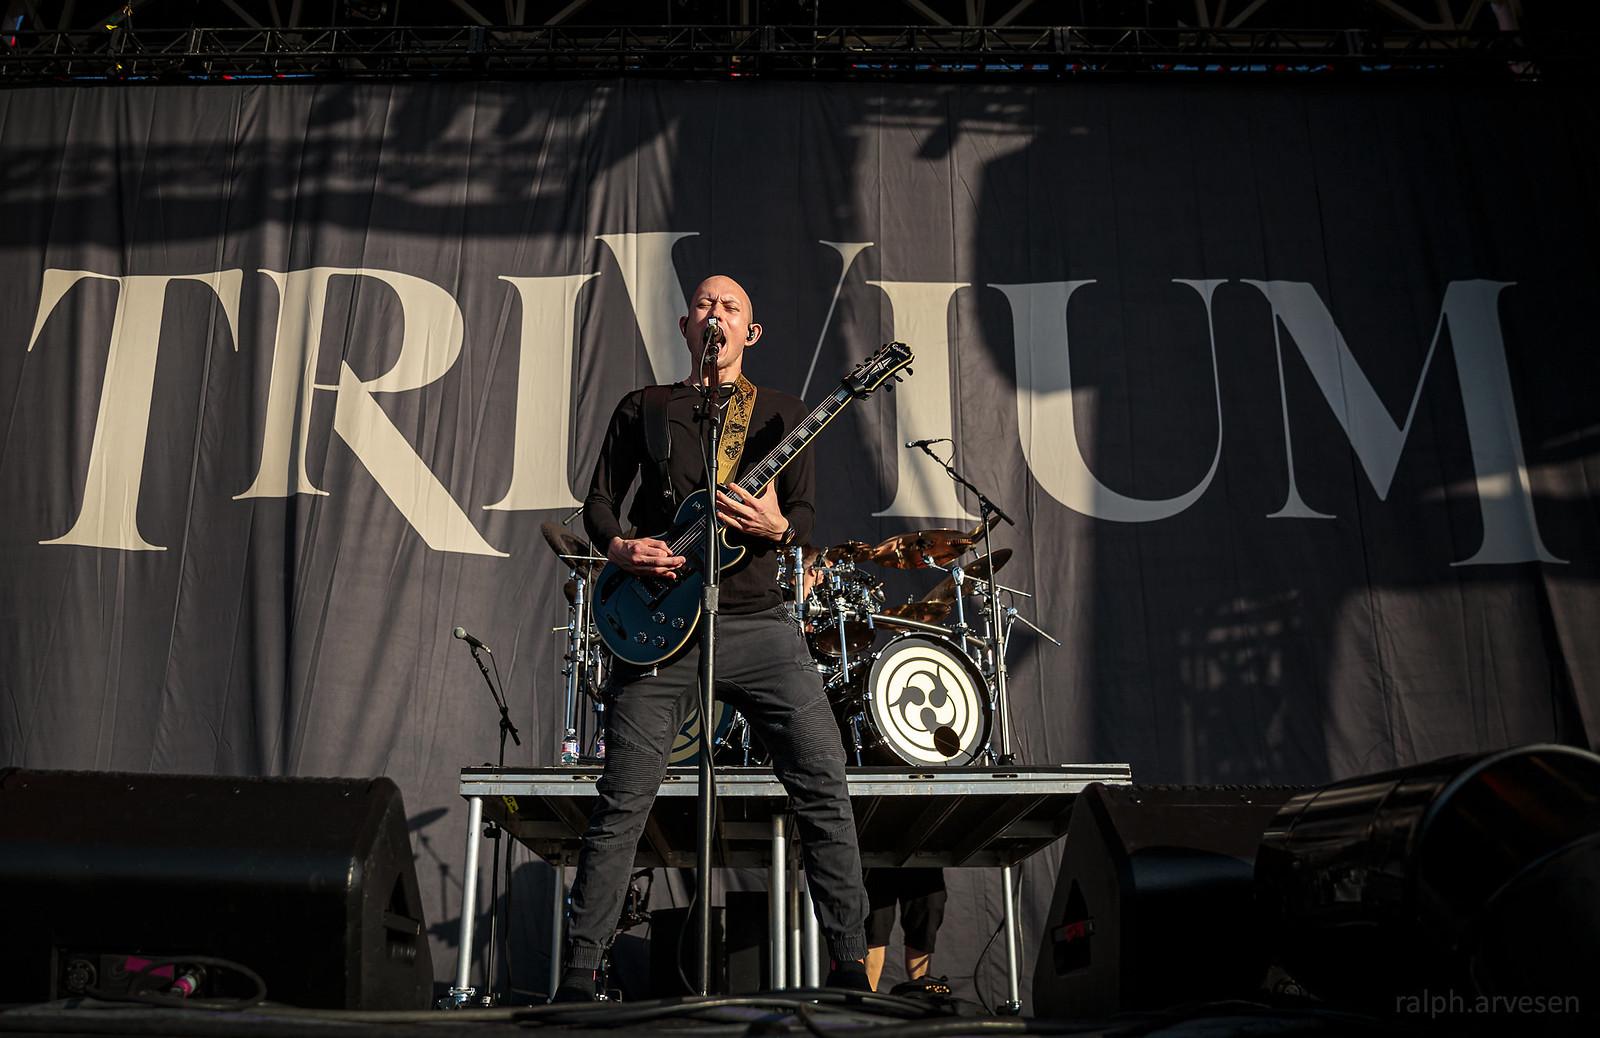 Trivium | Texas Review | Ralph Arvesen